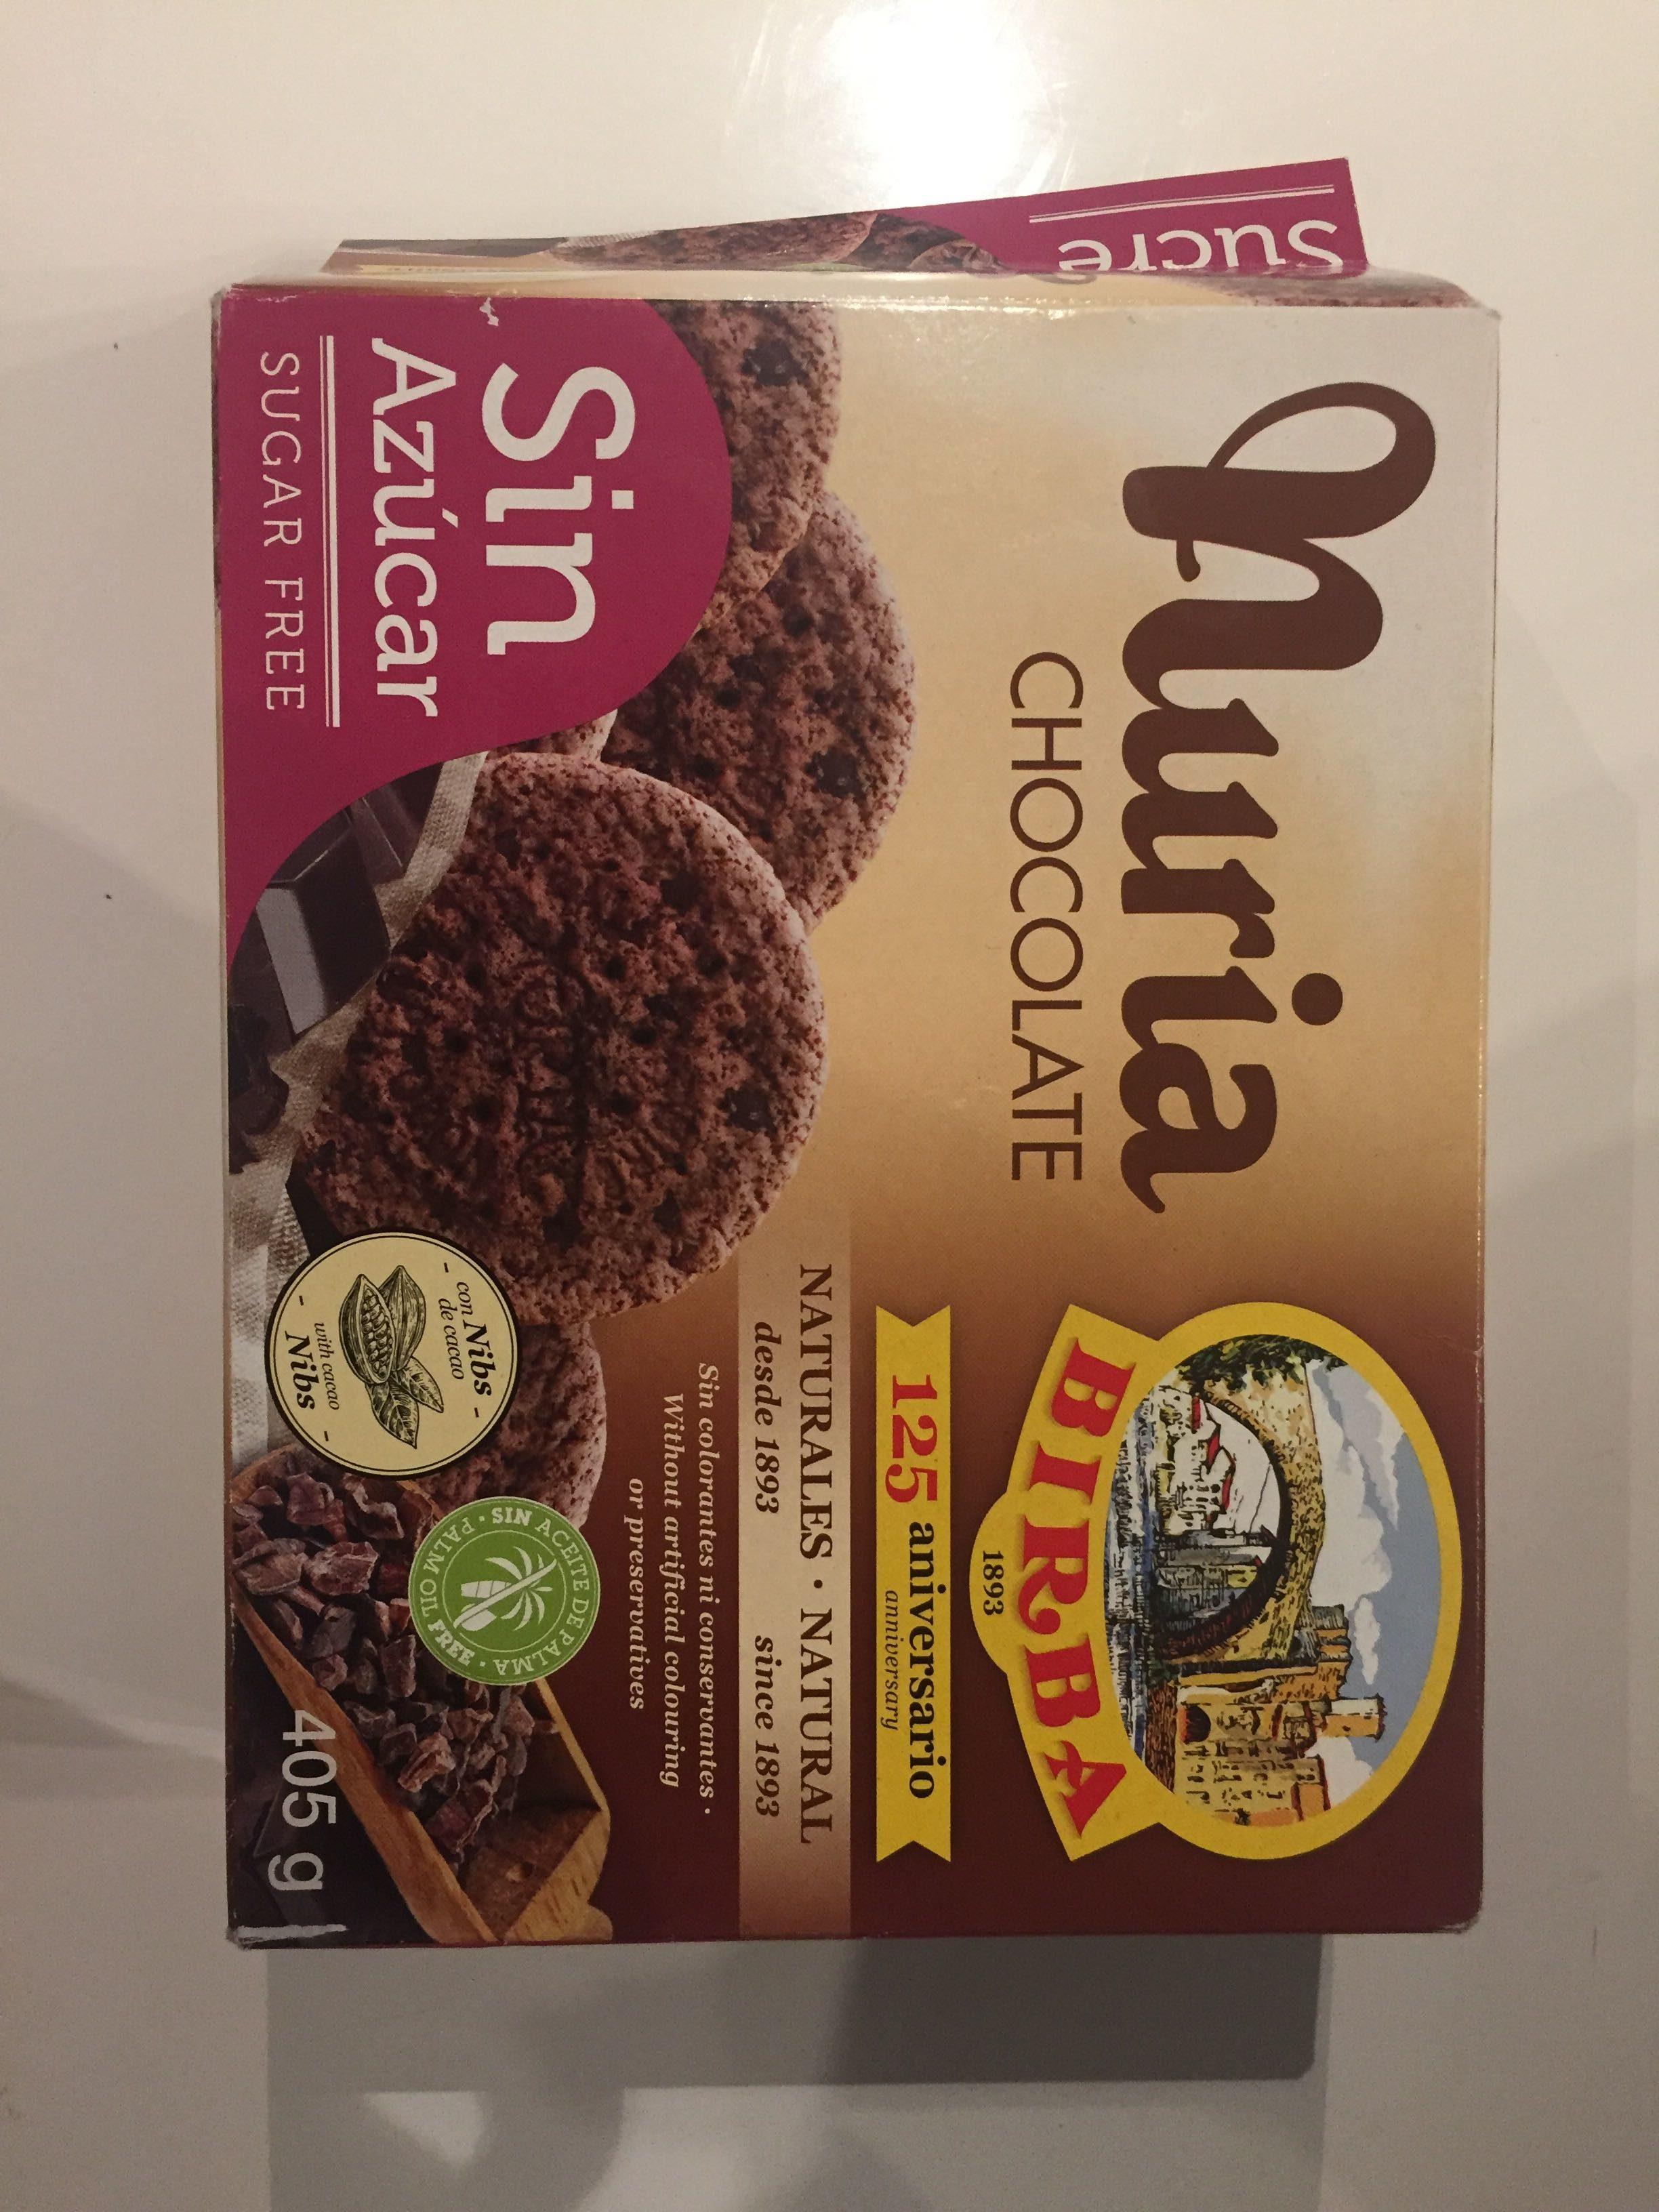 Nuria galletas naturales con chocolate sin azúcar - Product